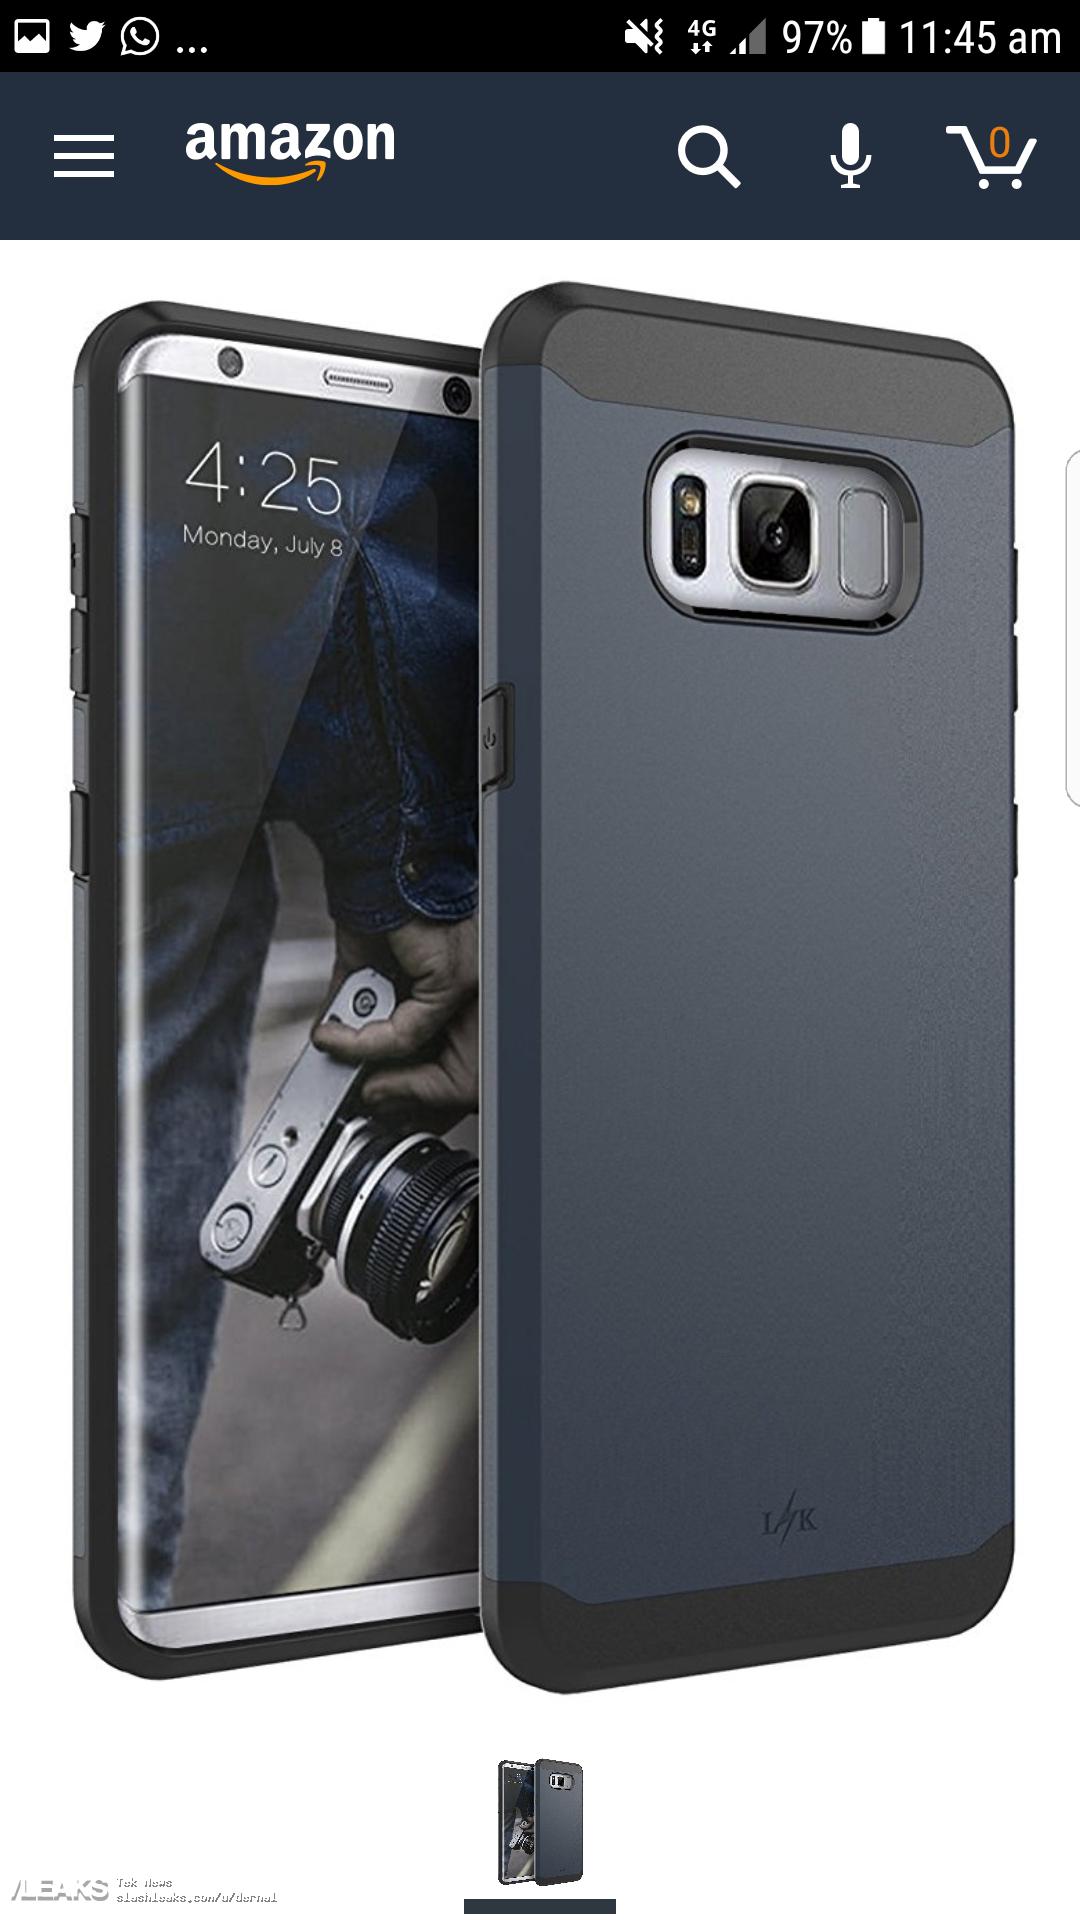 img Galaxy S8 Plus Case Renders